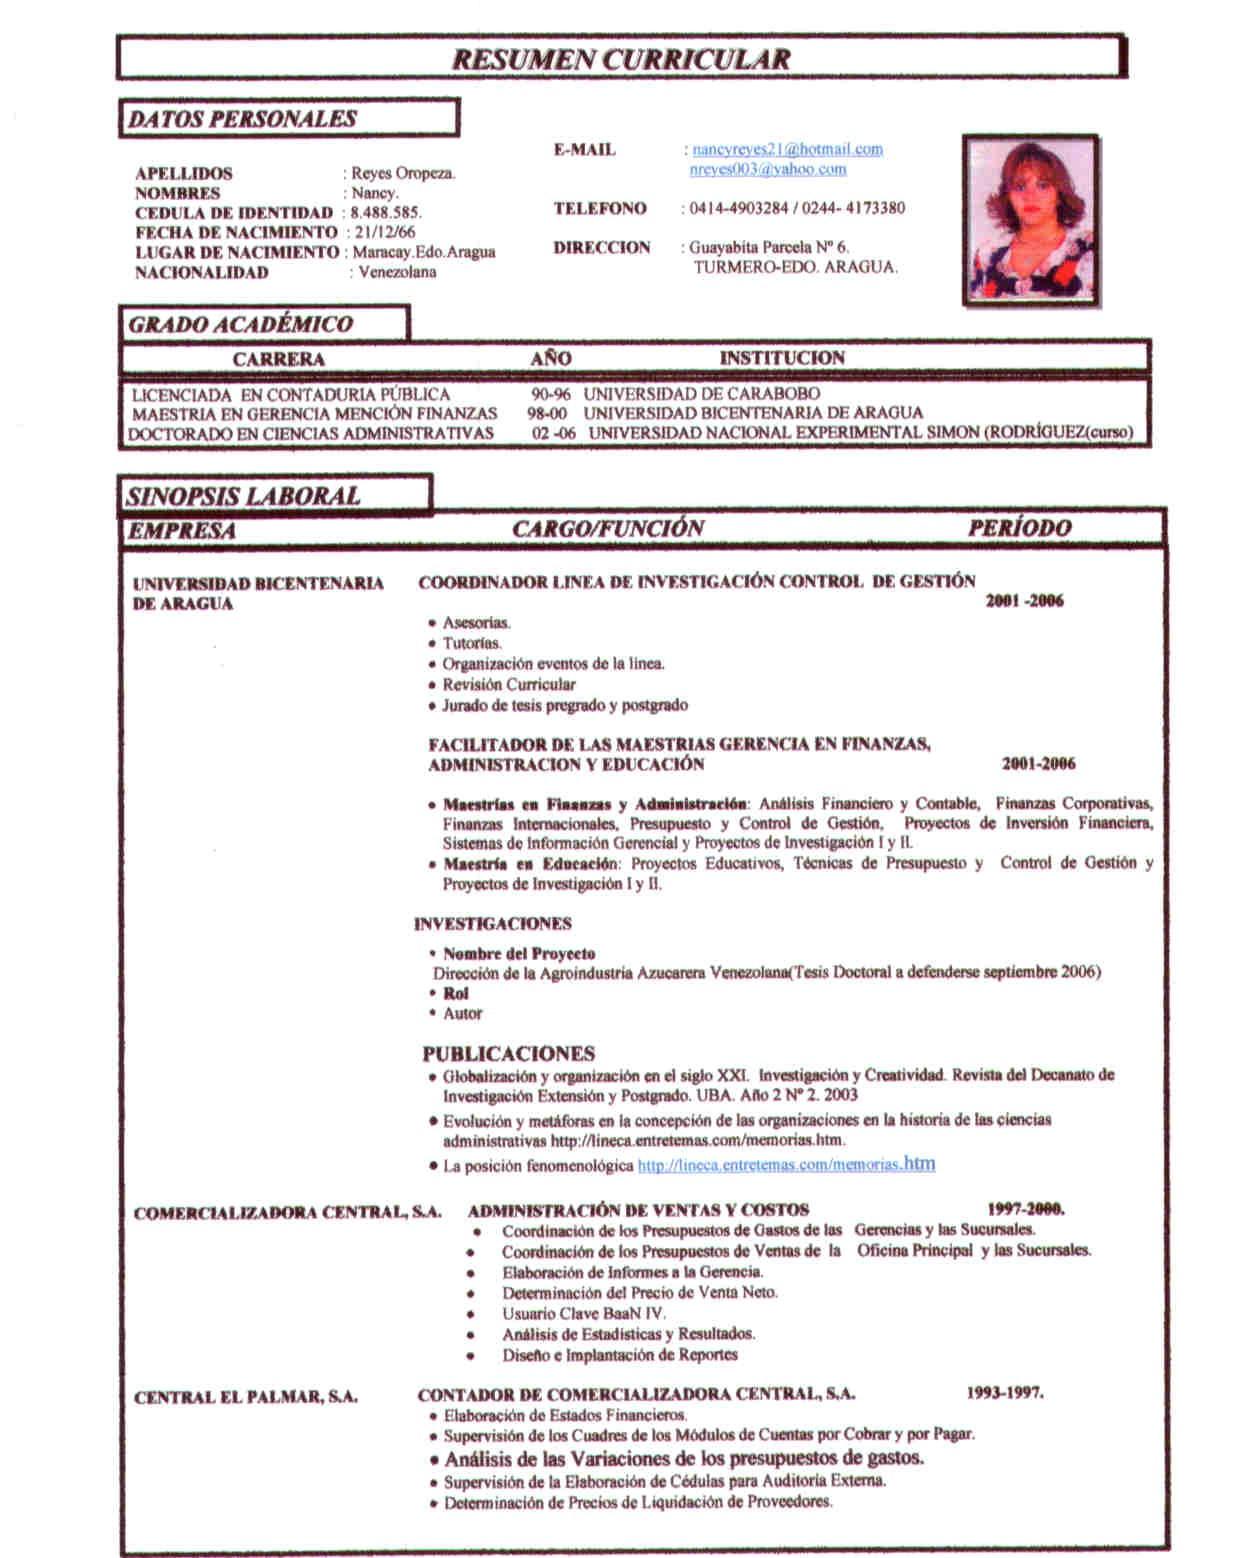 Calendario Laboral 2019 Huesca Más Reciente Epub Descargar